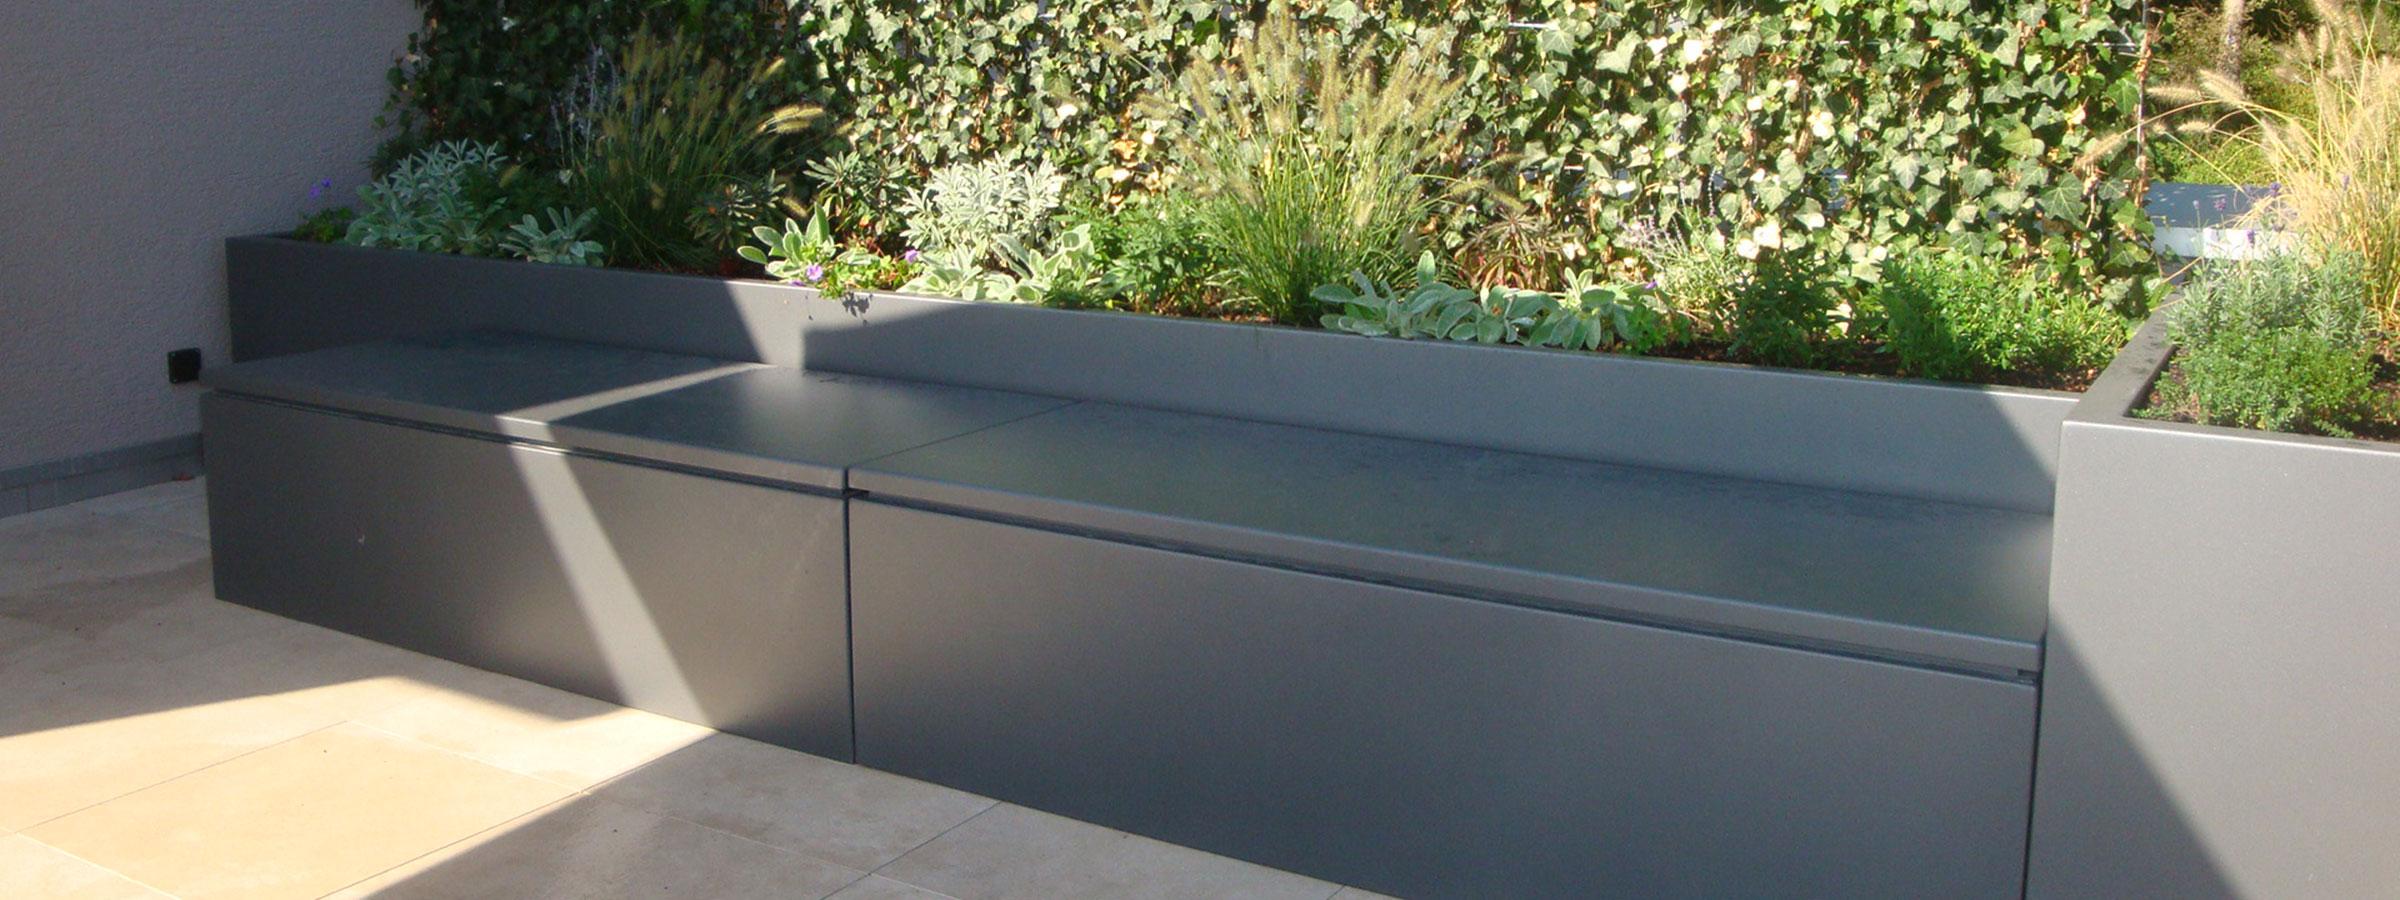 Luxus Gartenbank Mit Truhe Wasserdicht Ideen